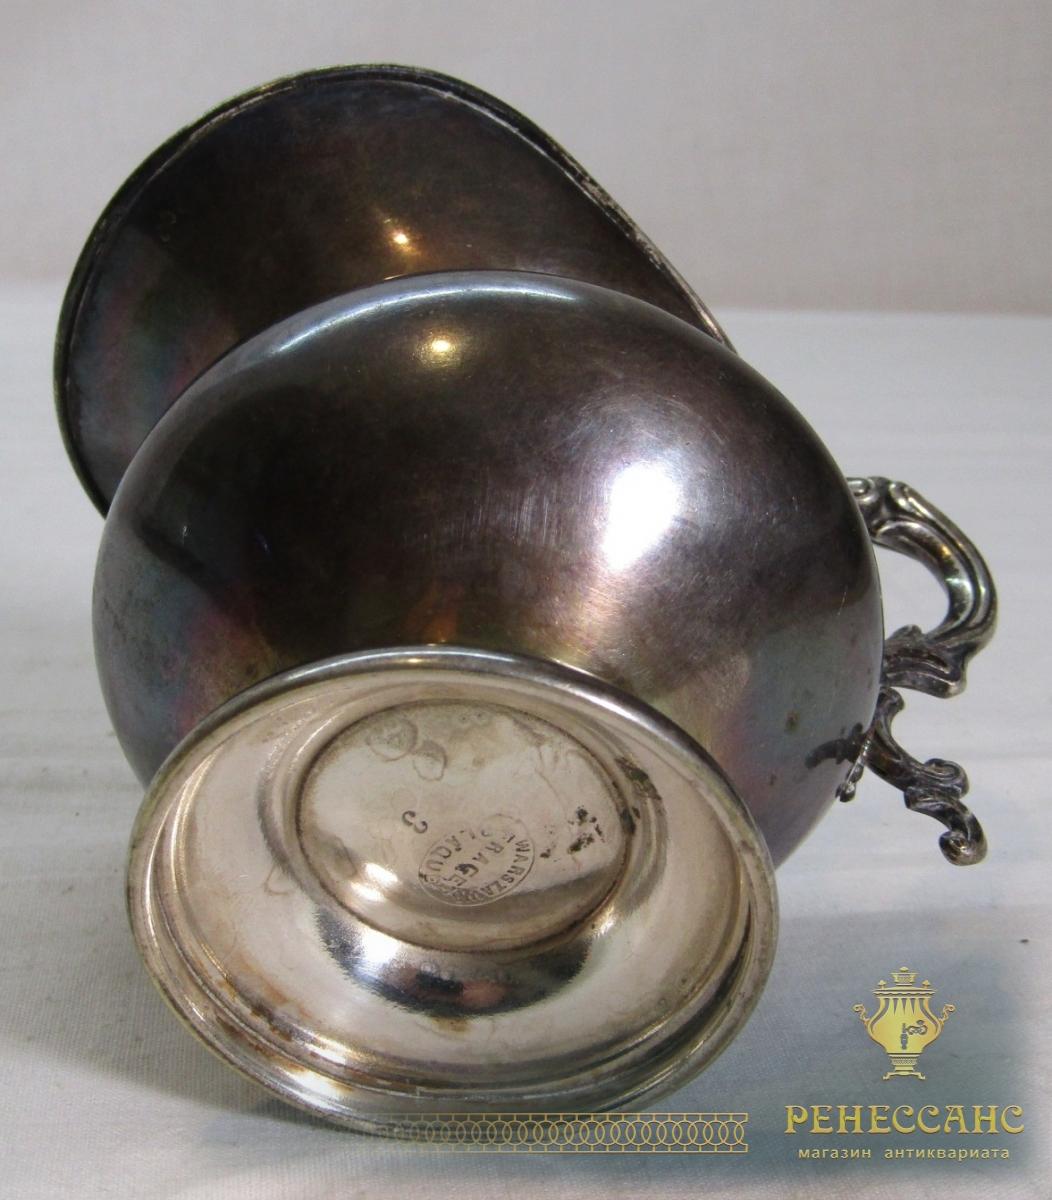 Сливочник старинный «Fraget» Варшава 19 век №6935